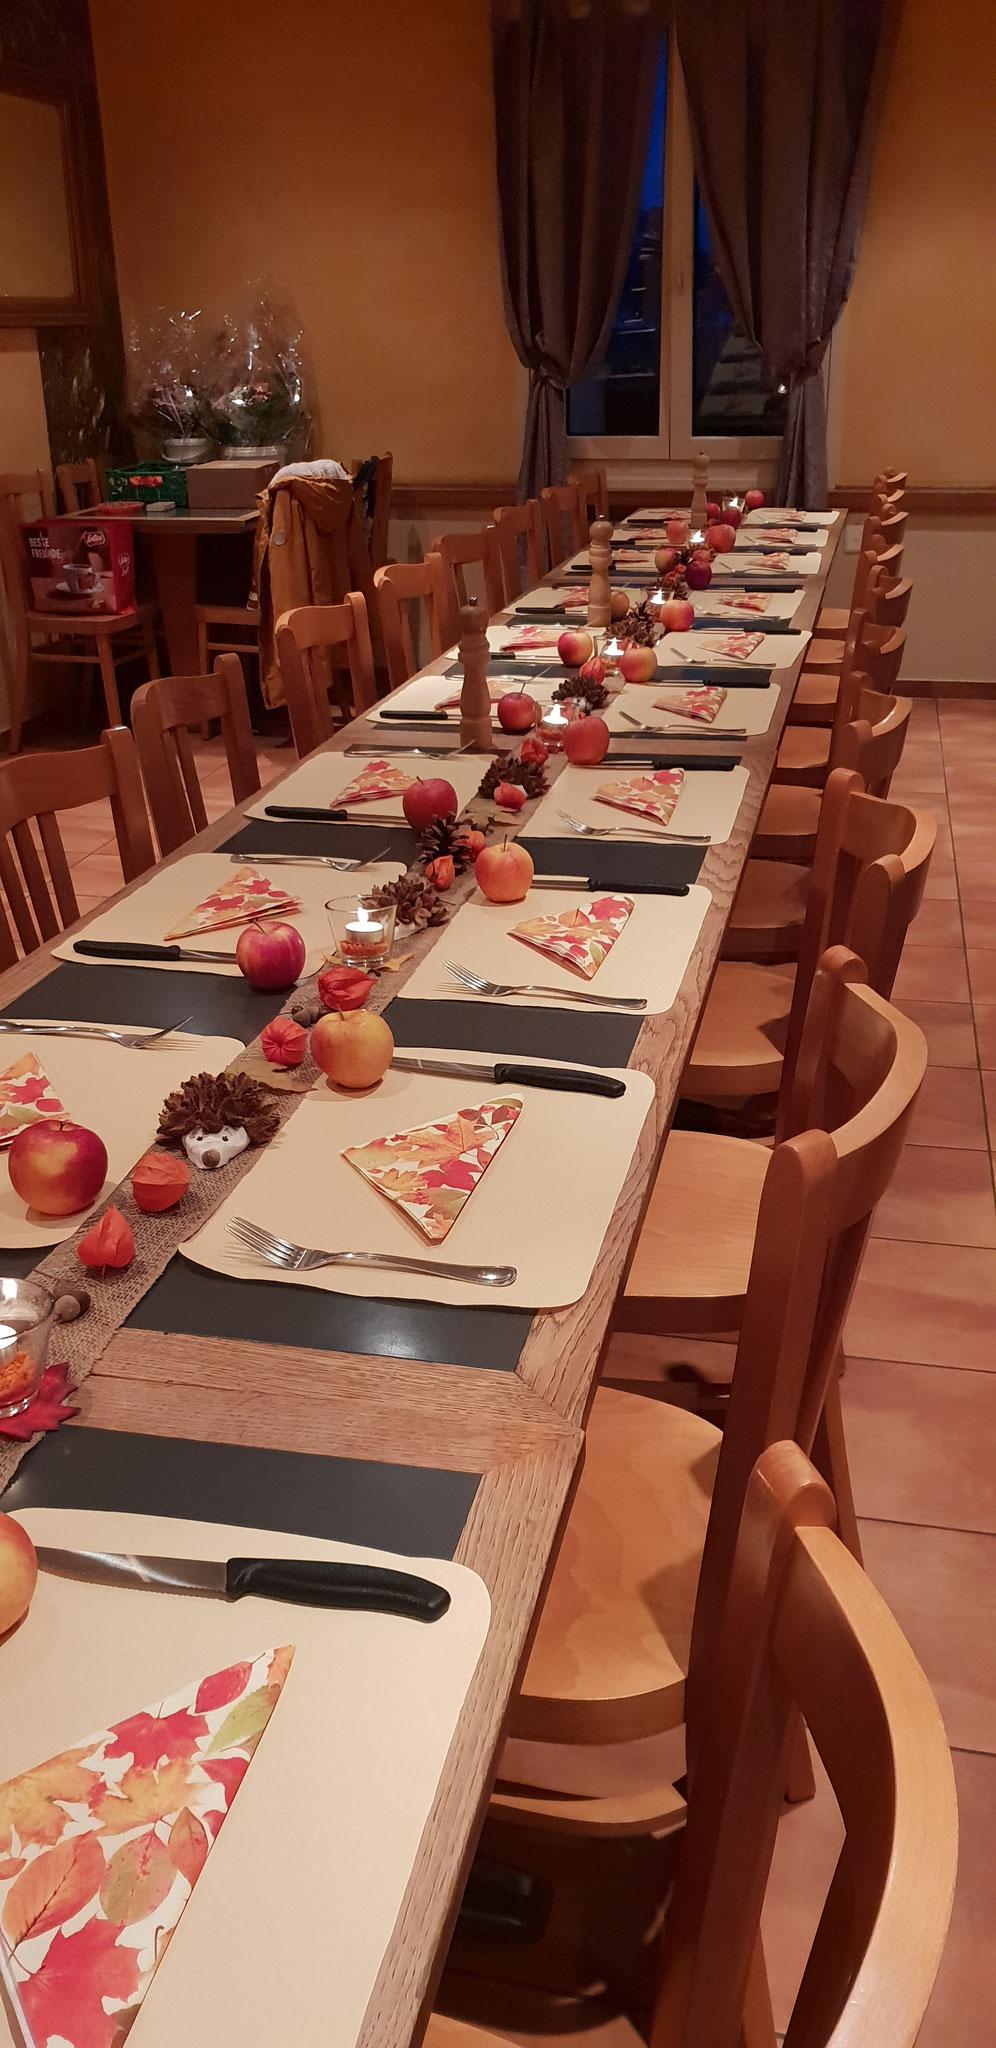 Wunderschöne Tischdekoration..